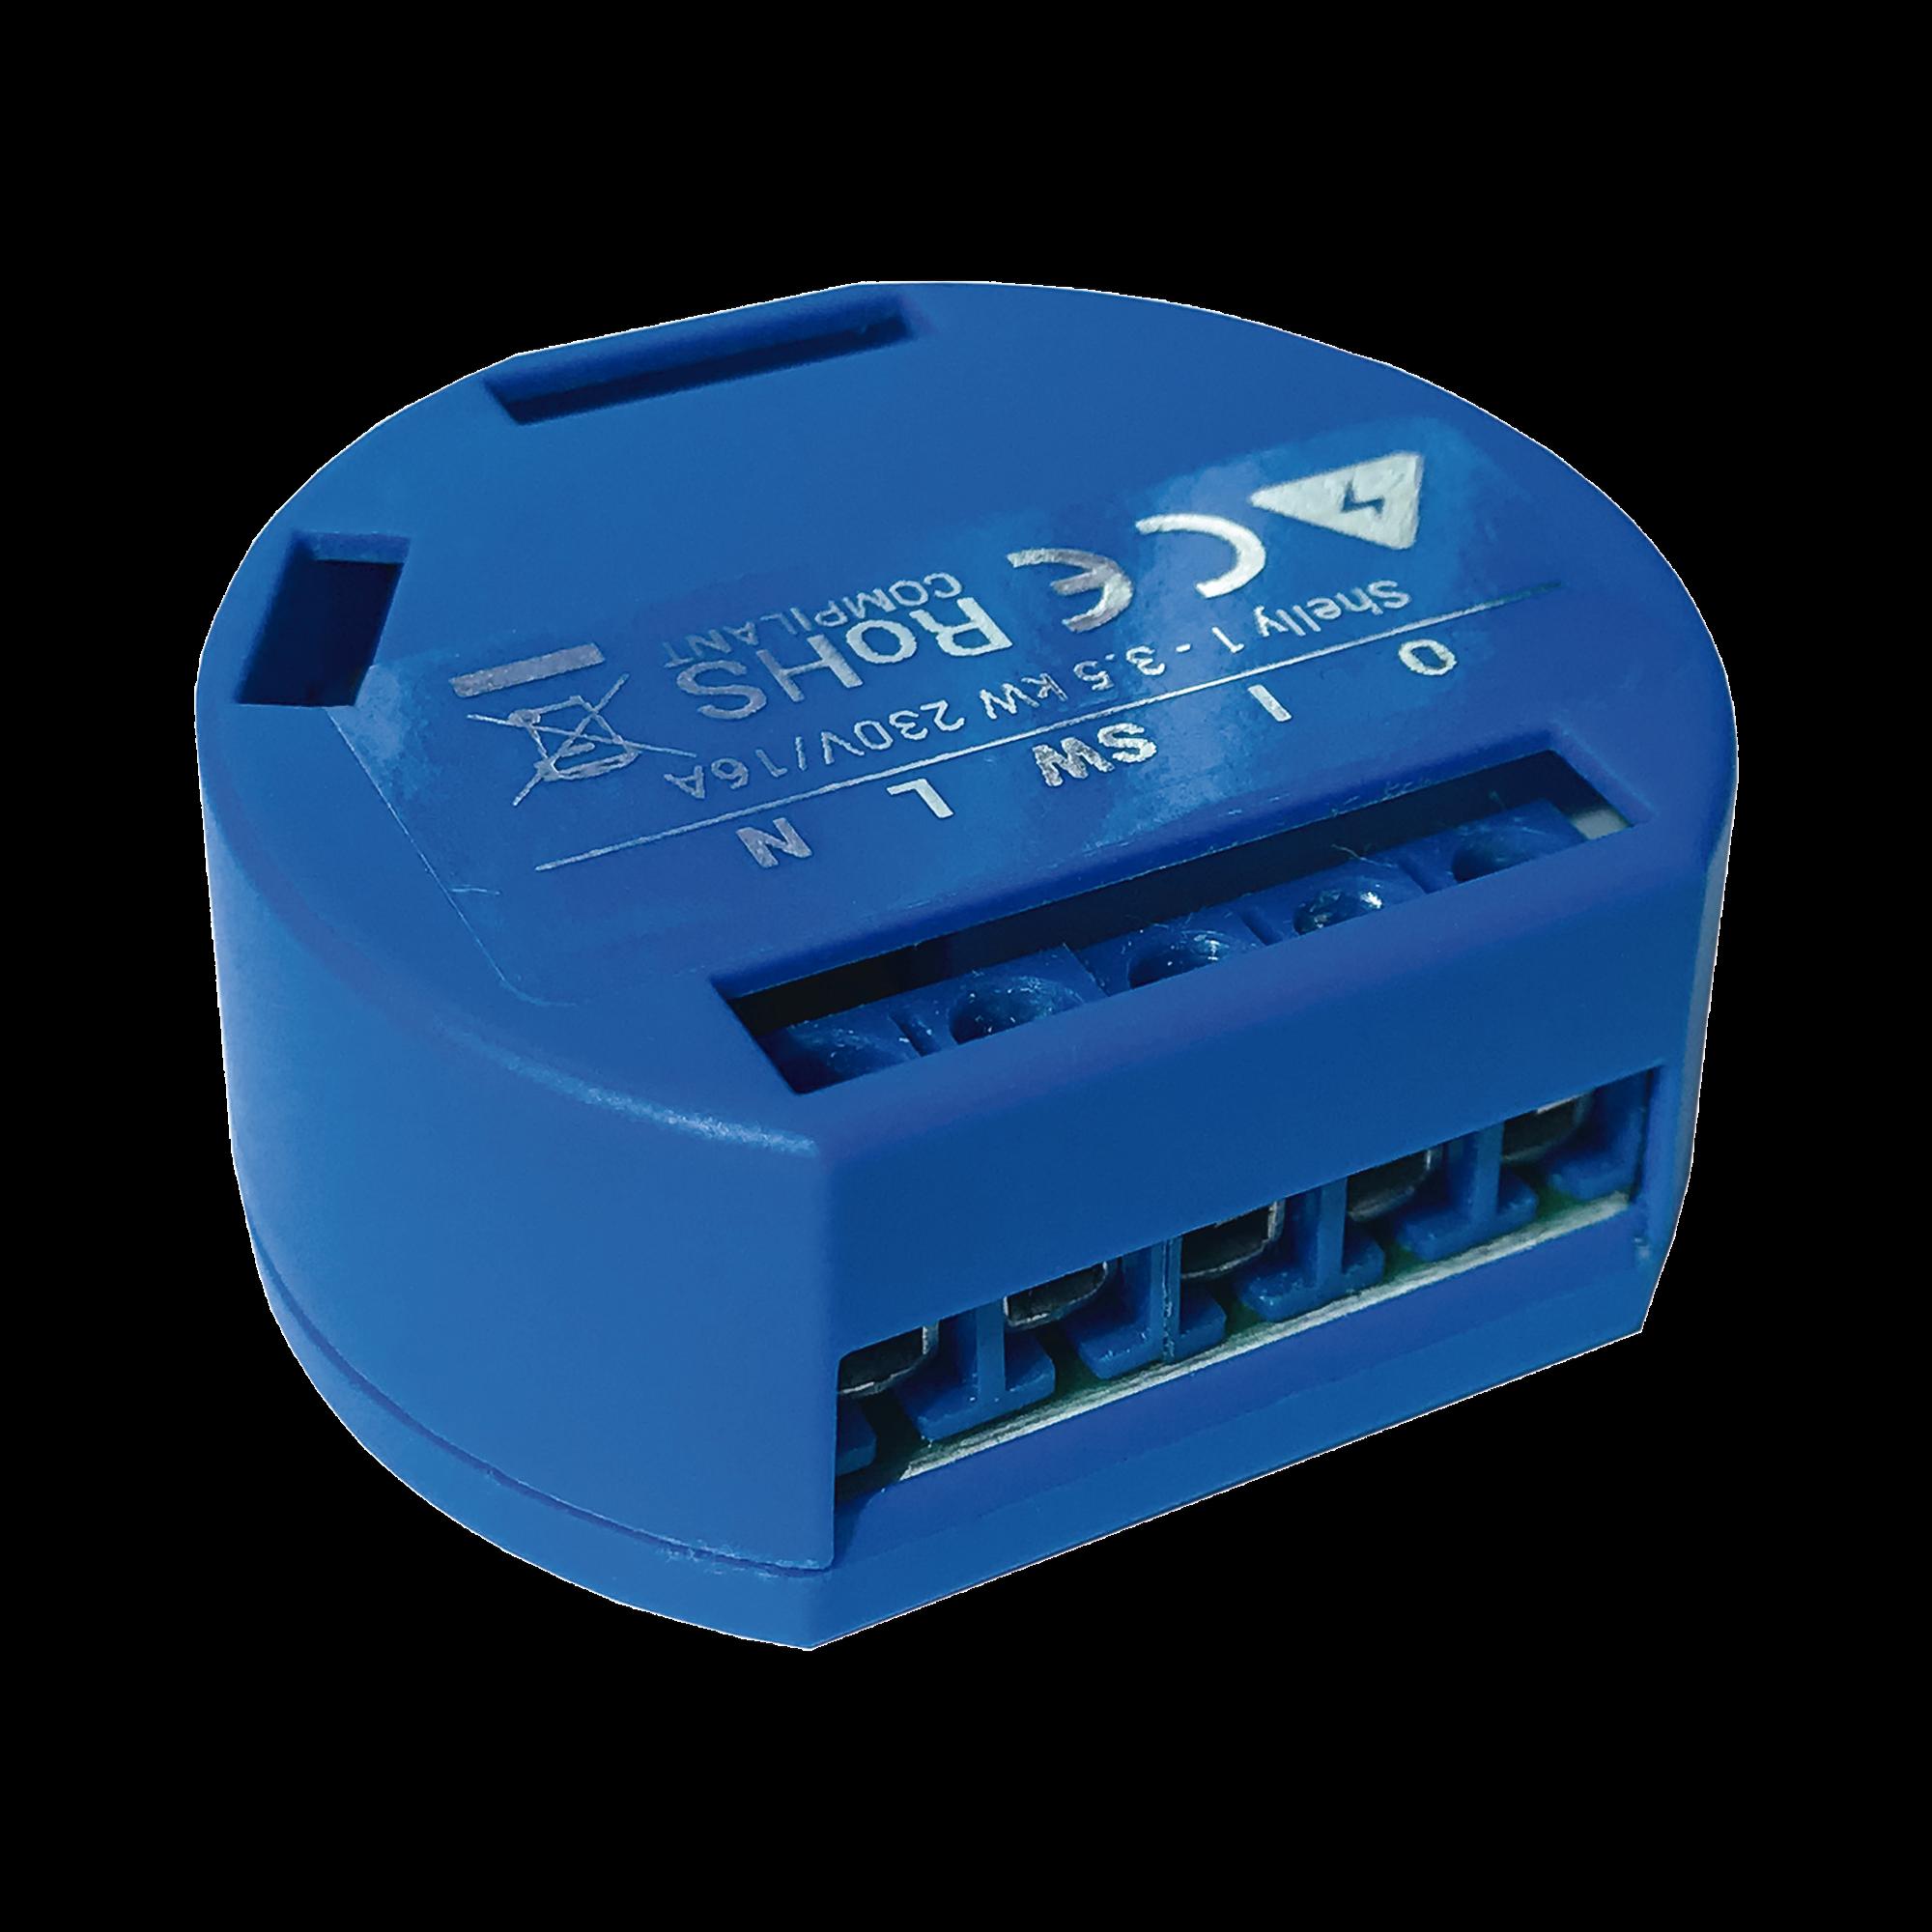 Relevador / Interruptor WIFI INDUSTRIAL Industrial y residencial inteligente / Hasta 16A / Soporta Google /Alexa / Nube P2P y control Local /